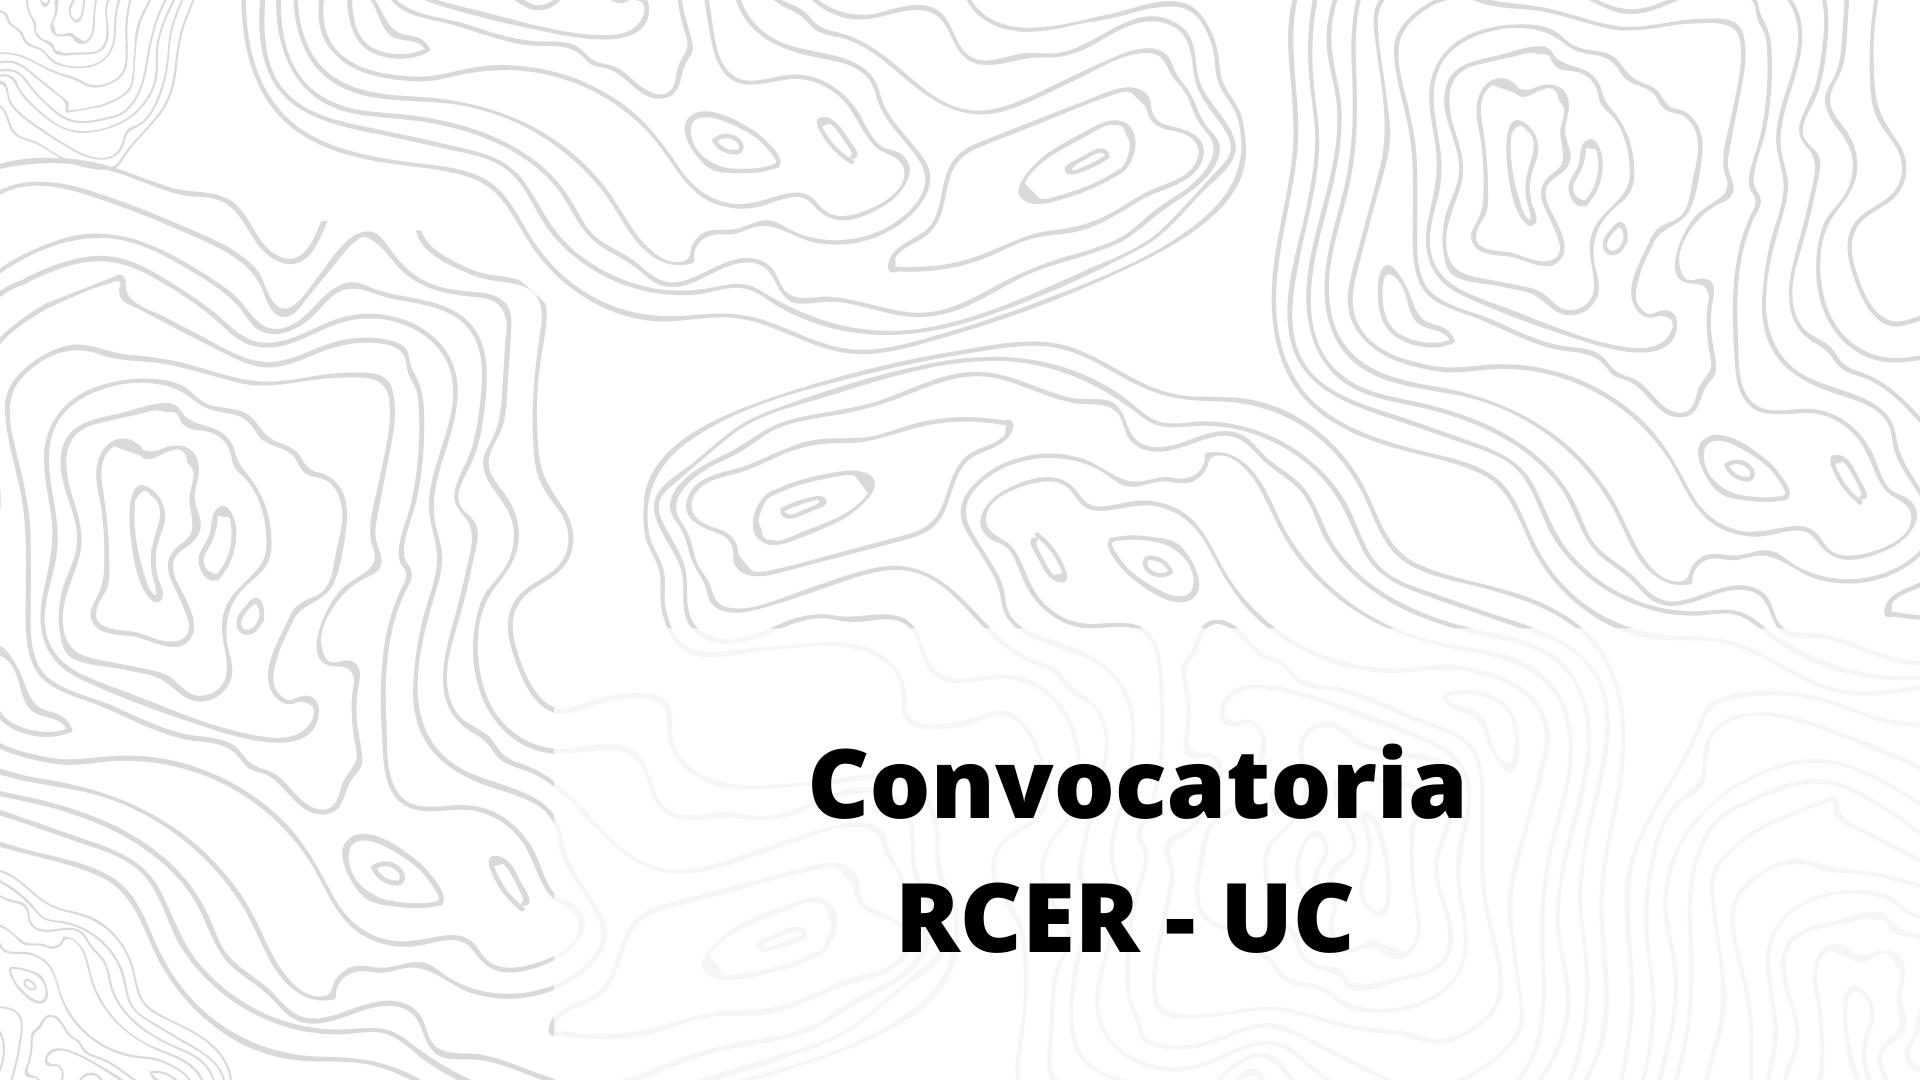 Llamado a Concurso de contratación de Coordinador/a Ejecutivo/a Red de Centros y Estaciones Regionales UC (RCER-UC)